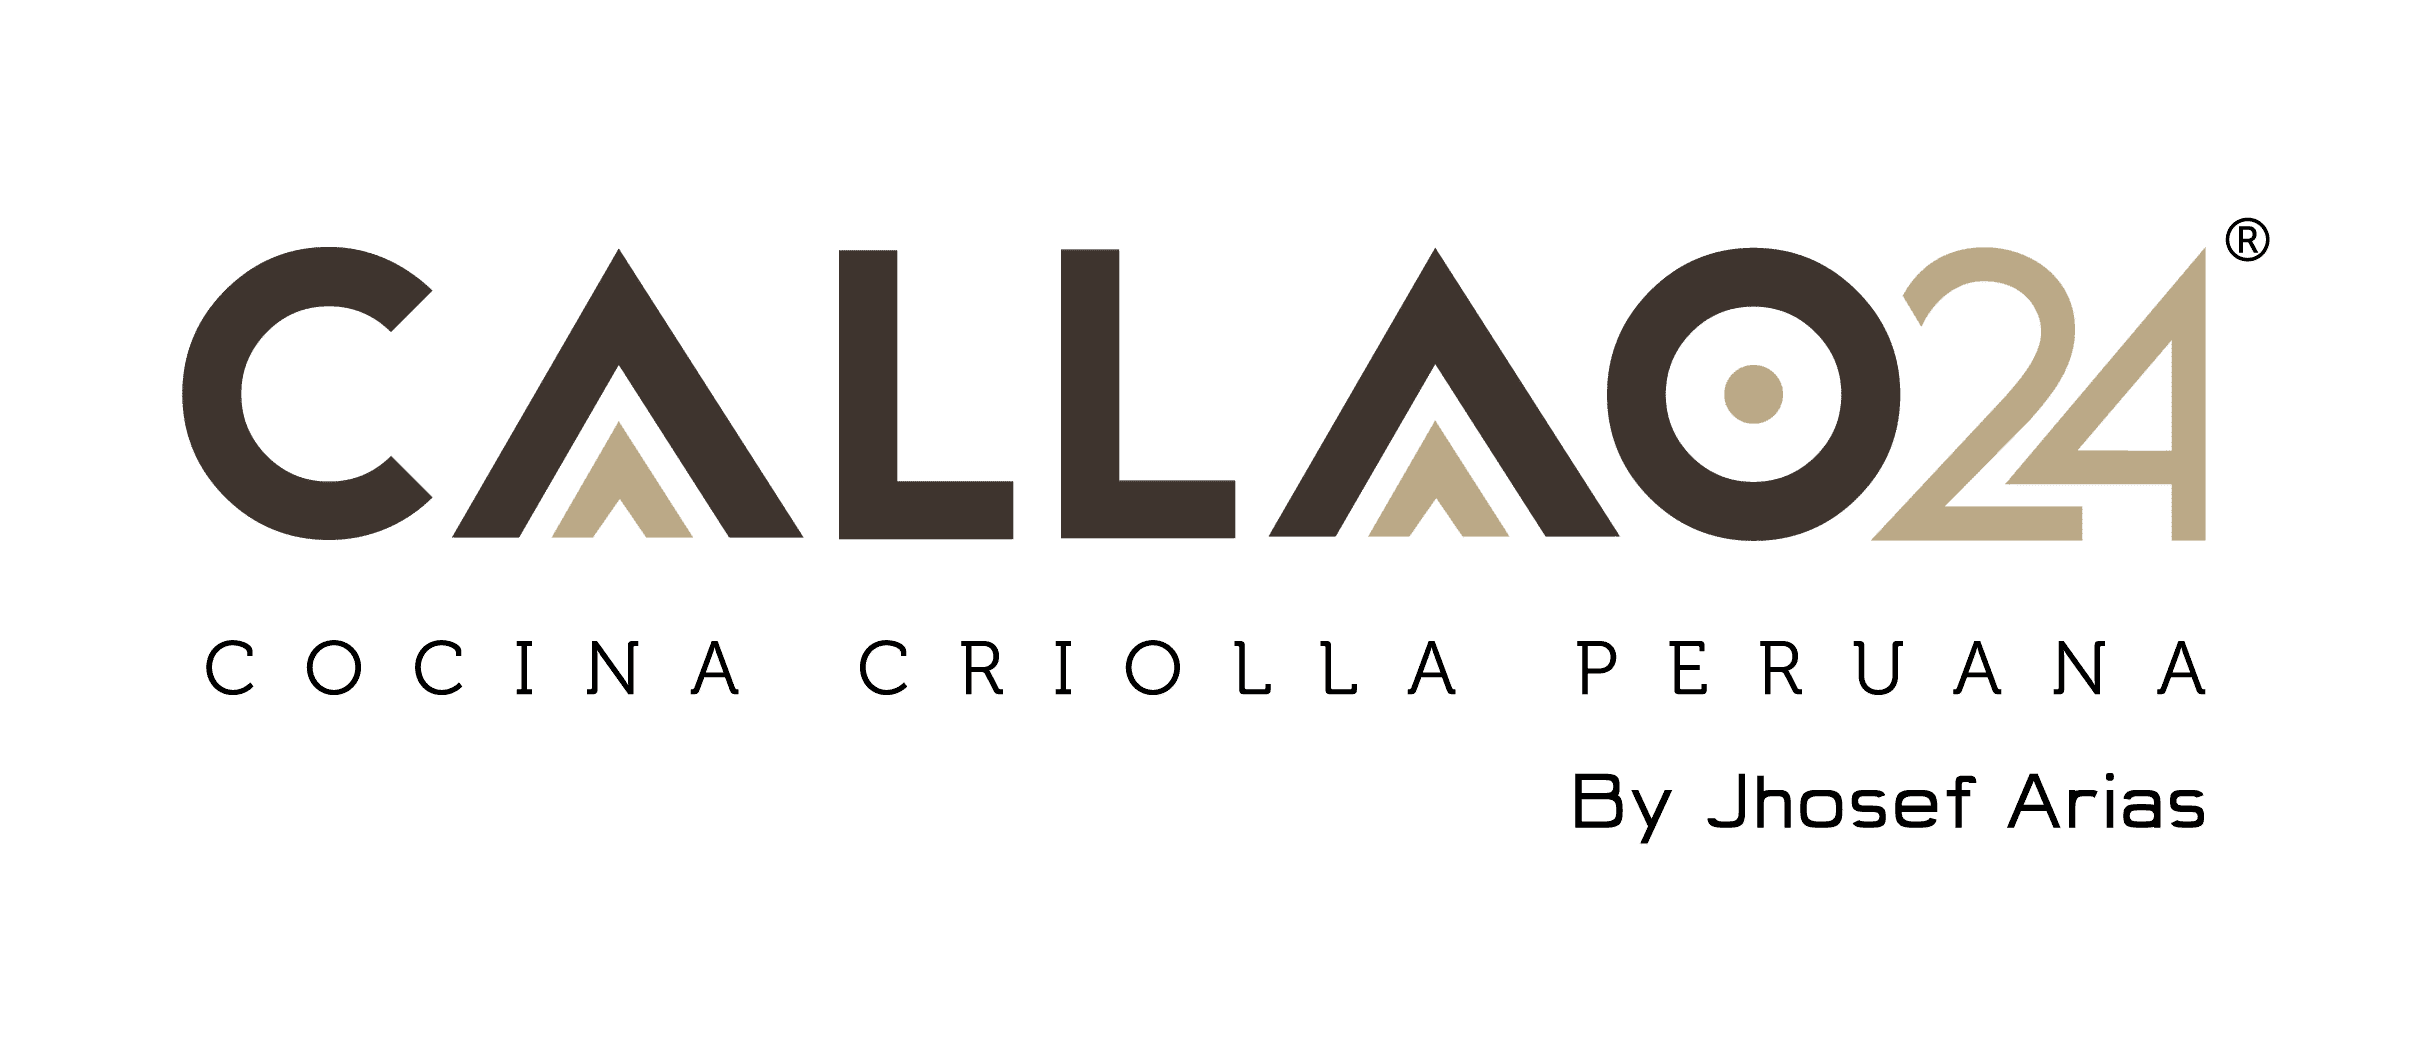 Restaurante Peruano Callao24